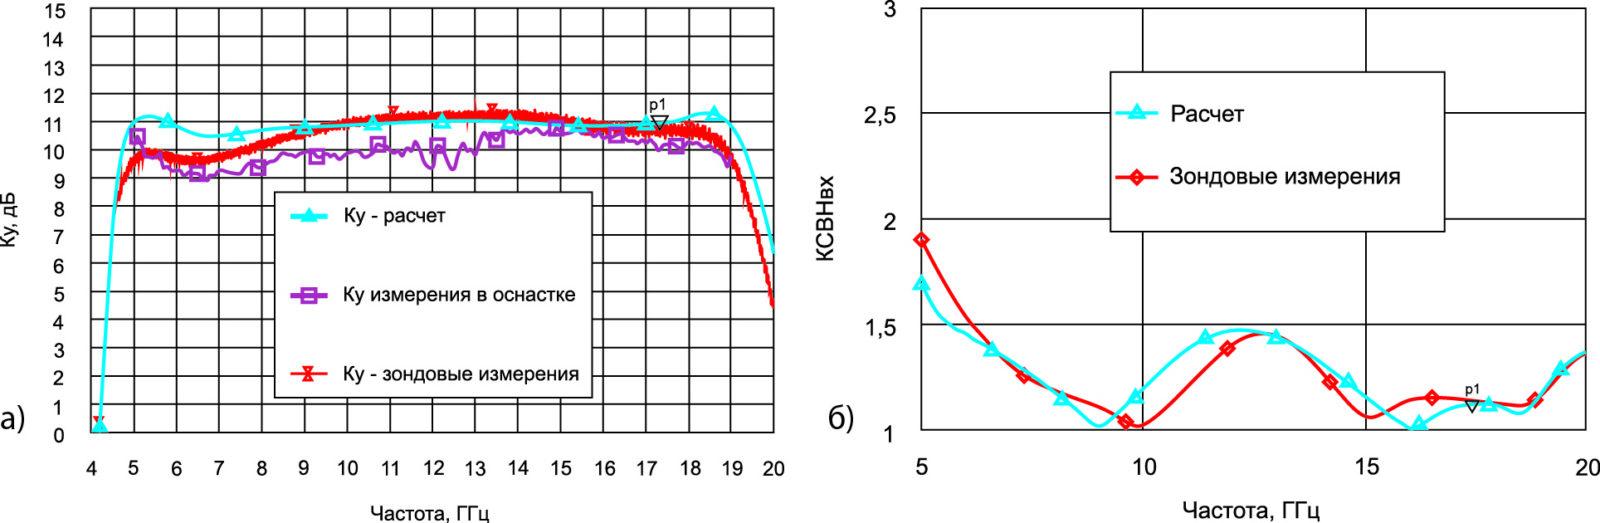 Малосигнальный коэффициент усиления и КСВНвх МИС МС120, расчет и эксперимент